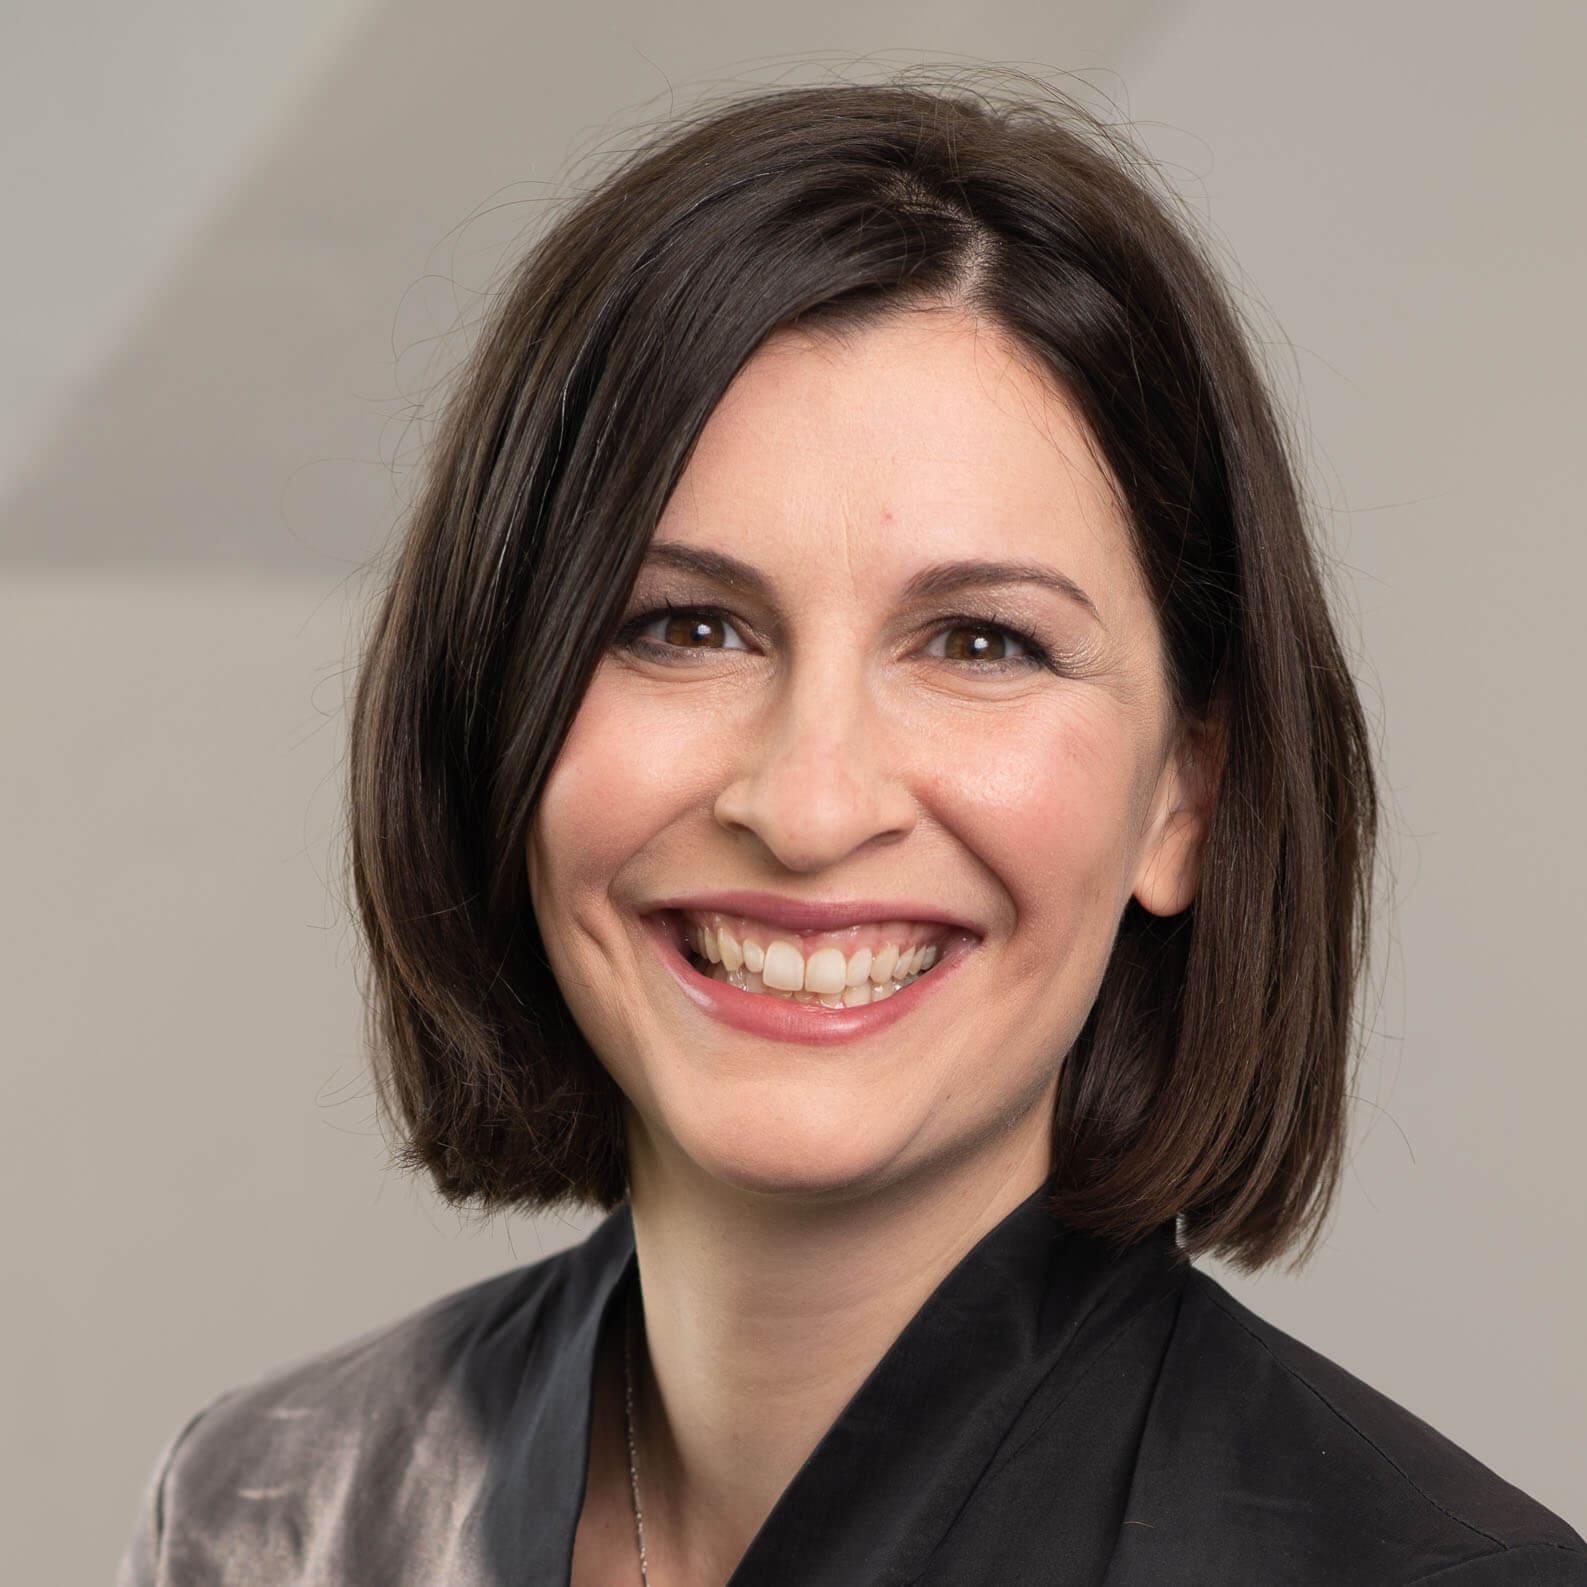 Brenna Schneider